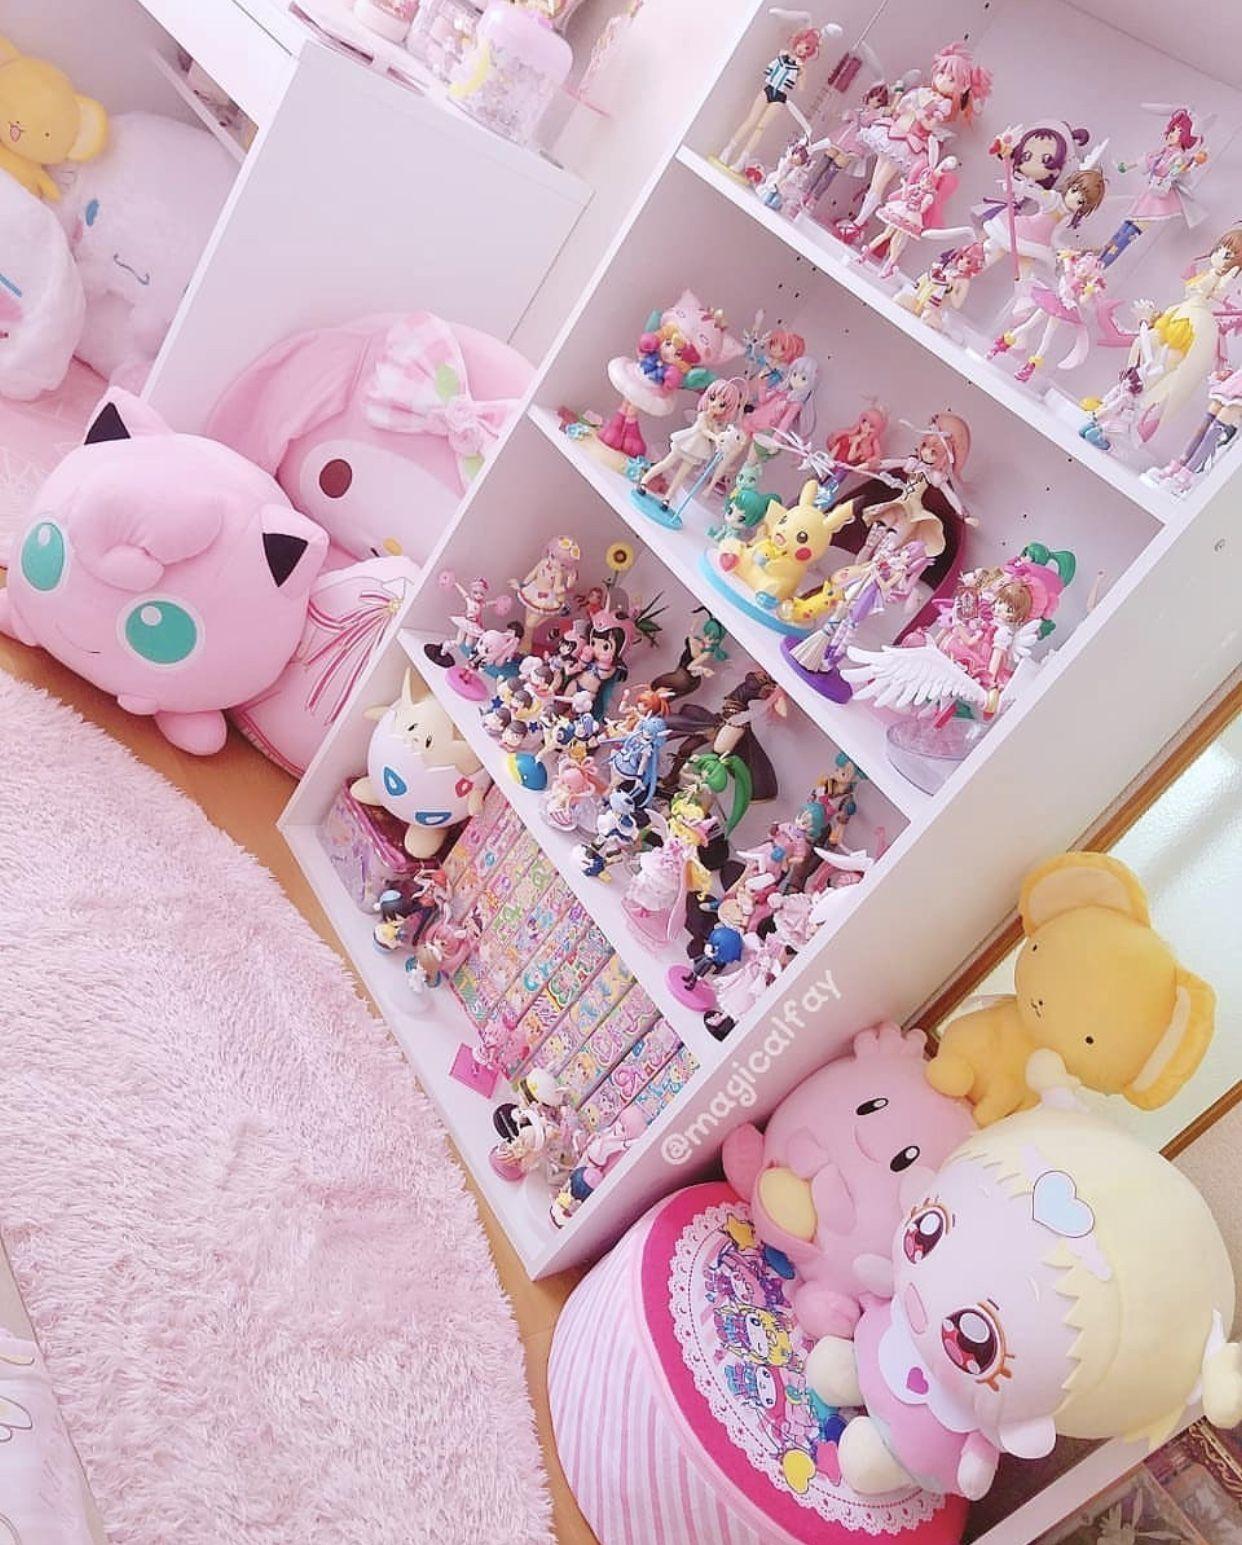 Kawaii room with pink things anime otaku room kawaii